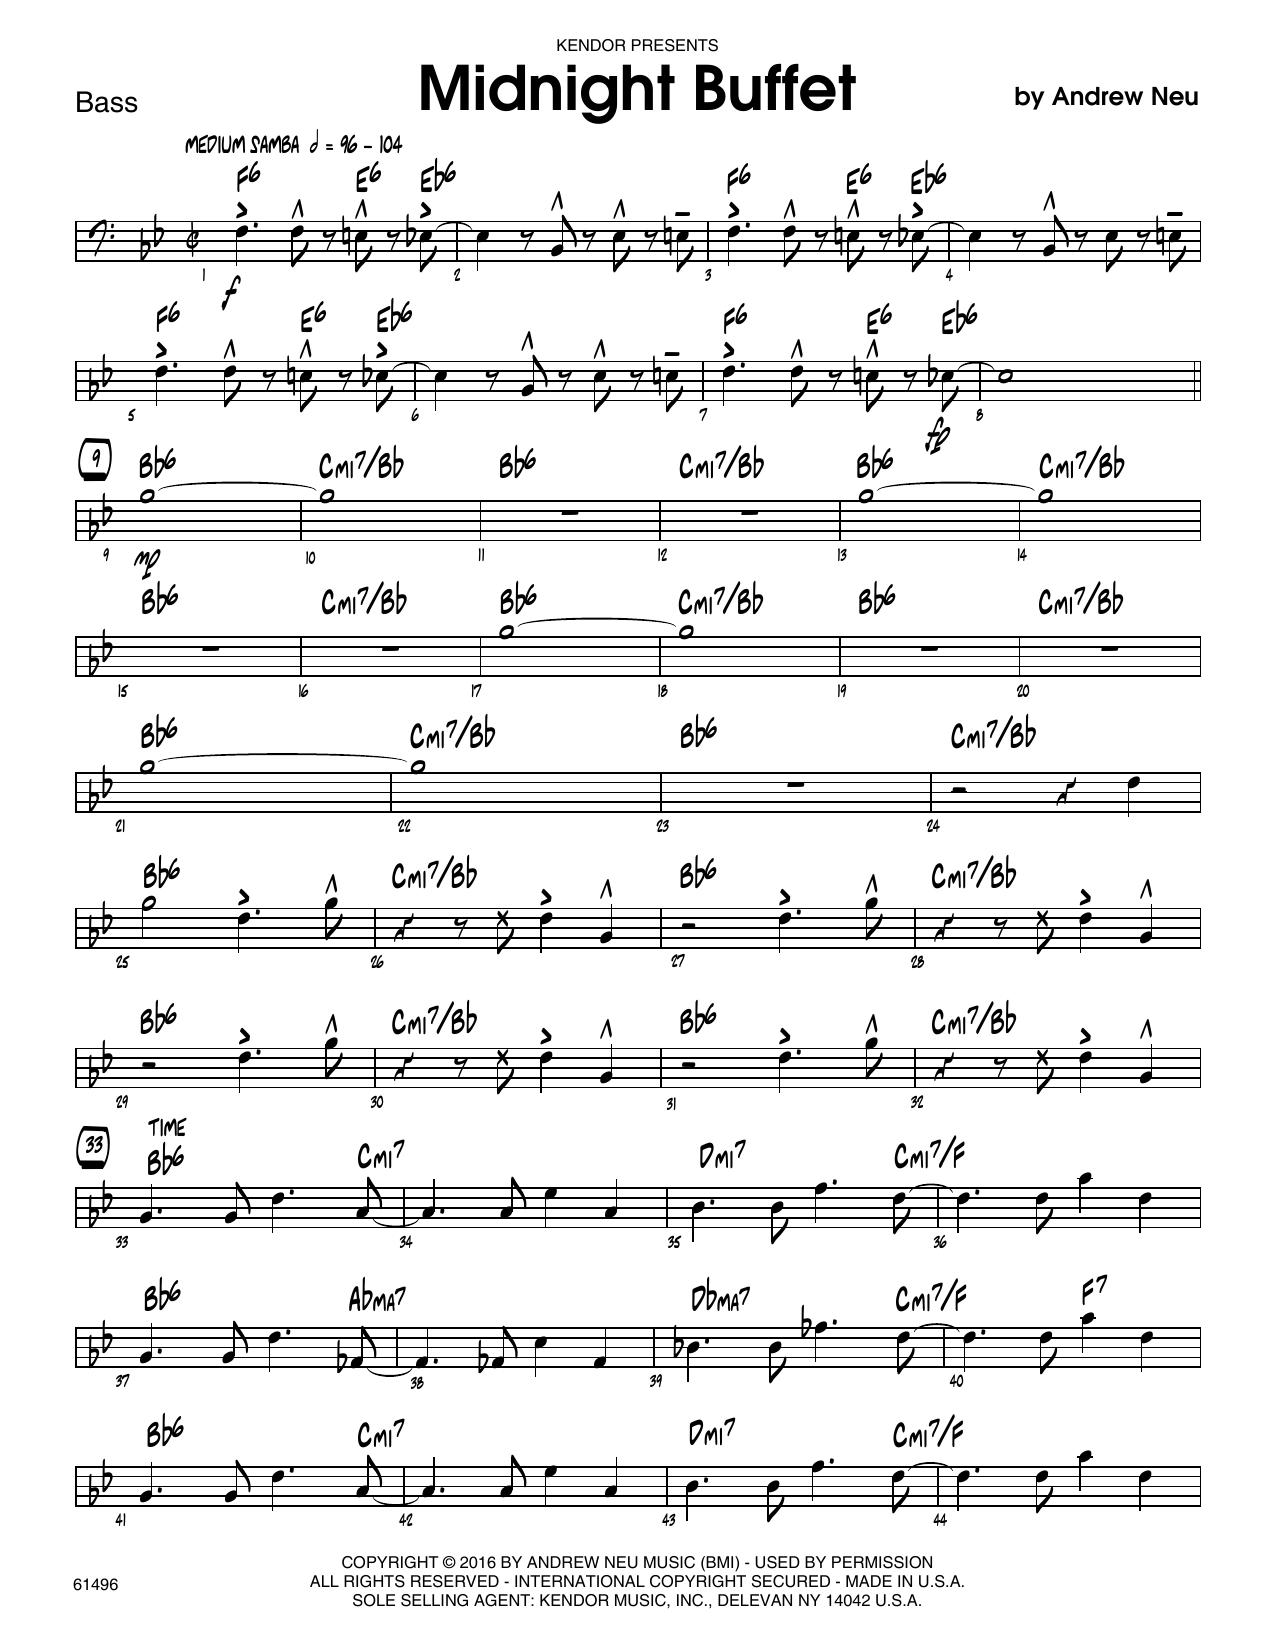 Midnight Buffet - Bass Sheet Music